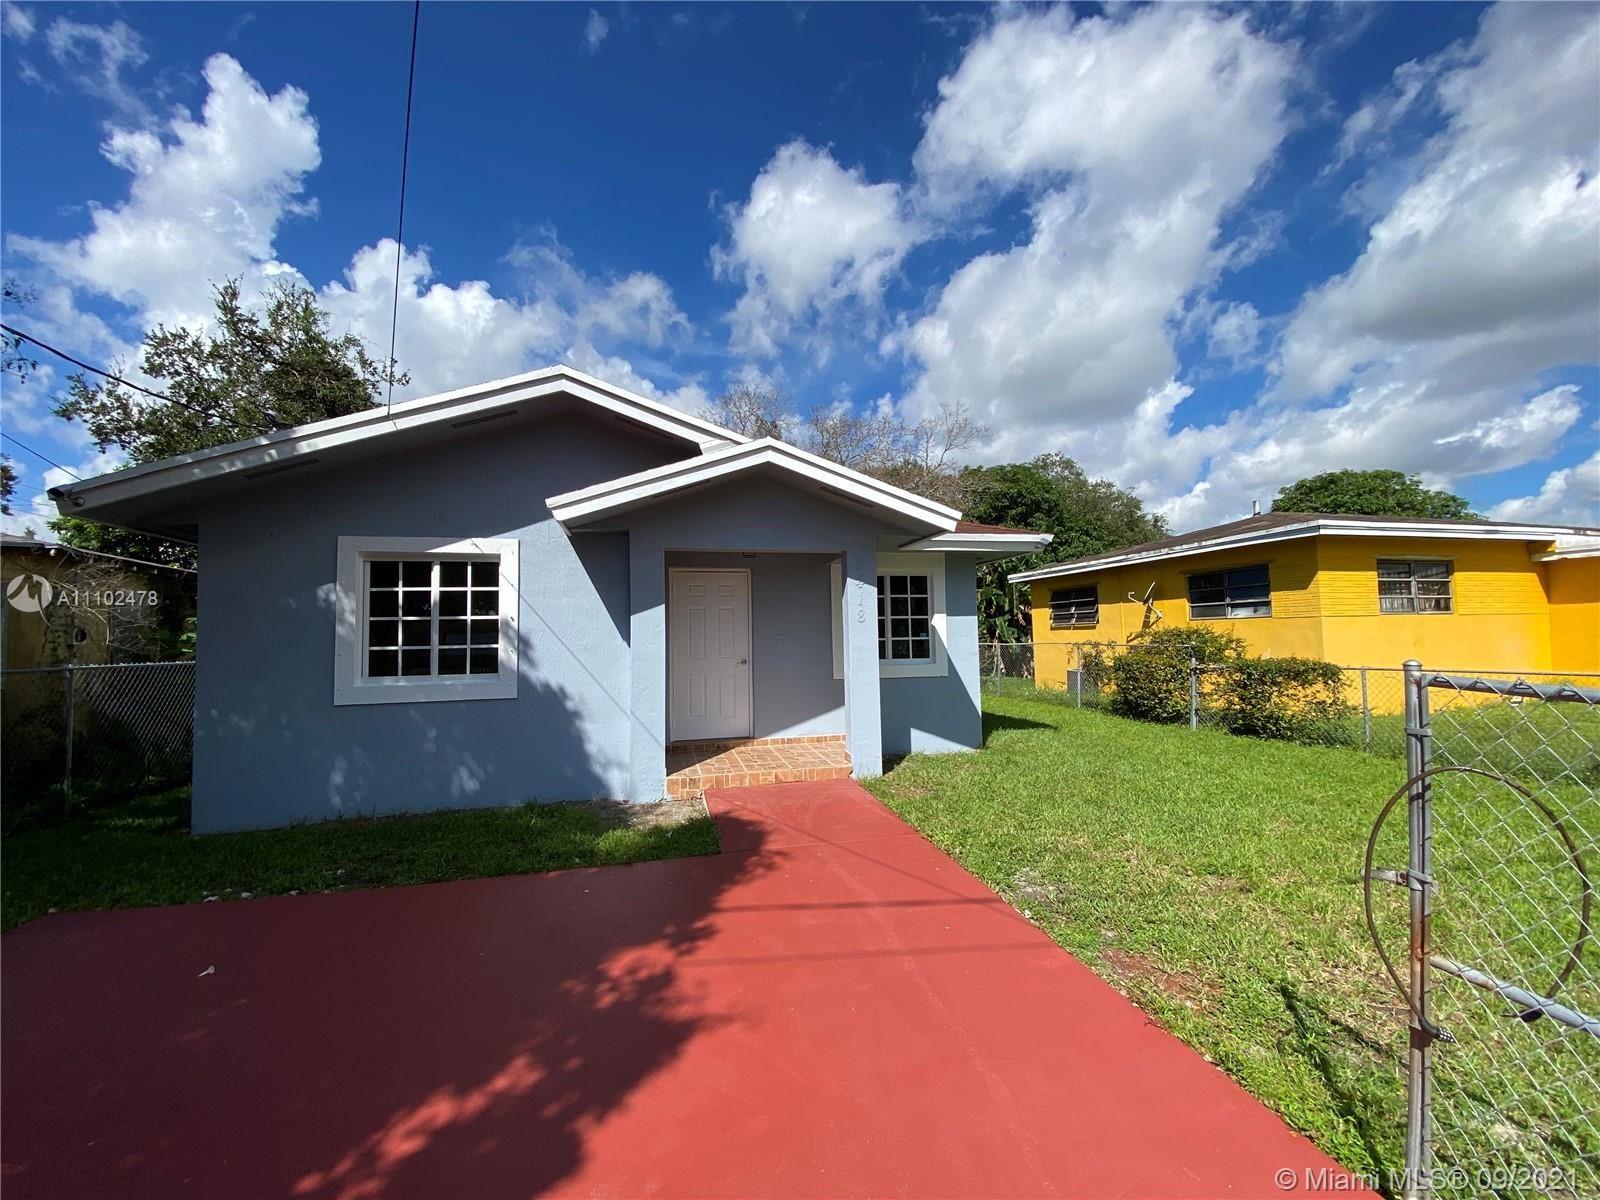 8418 NW 14th Ave, Miami, FL 33147 - #: A11102478